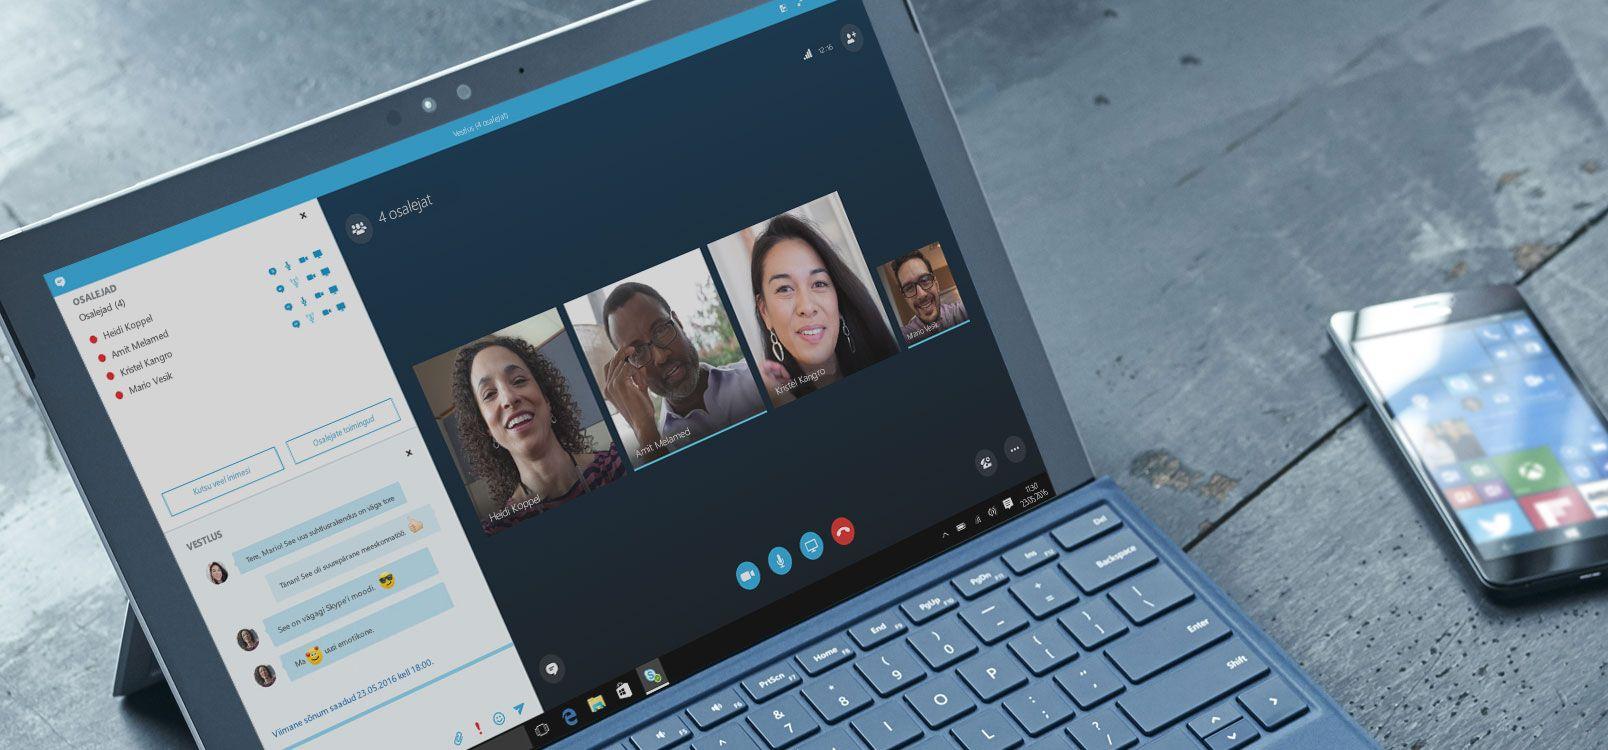 Naine kasutab tahvelarvutis ja nutitelefonis Office 365, et töökaaslastega ühiselt dokumentide kallal töötada.